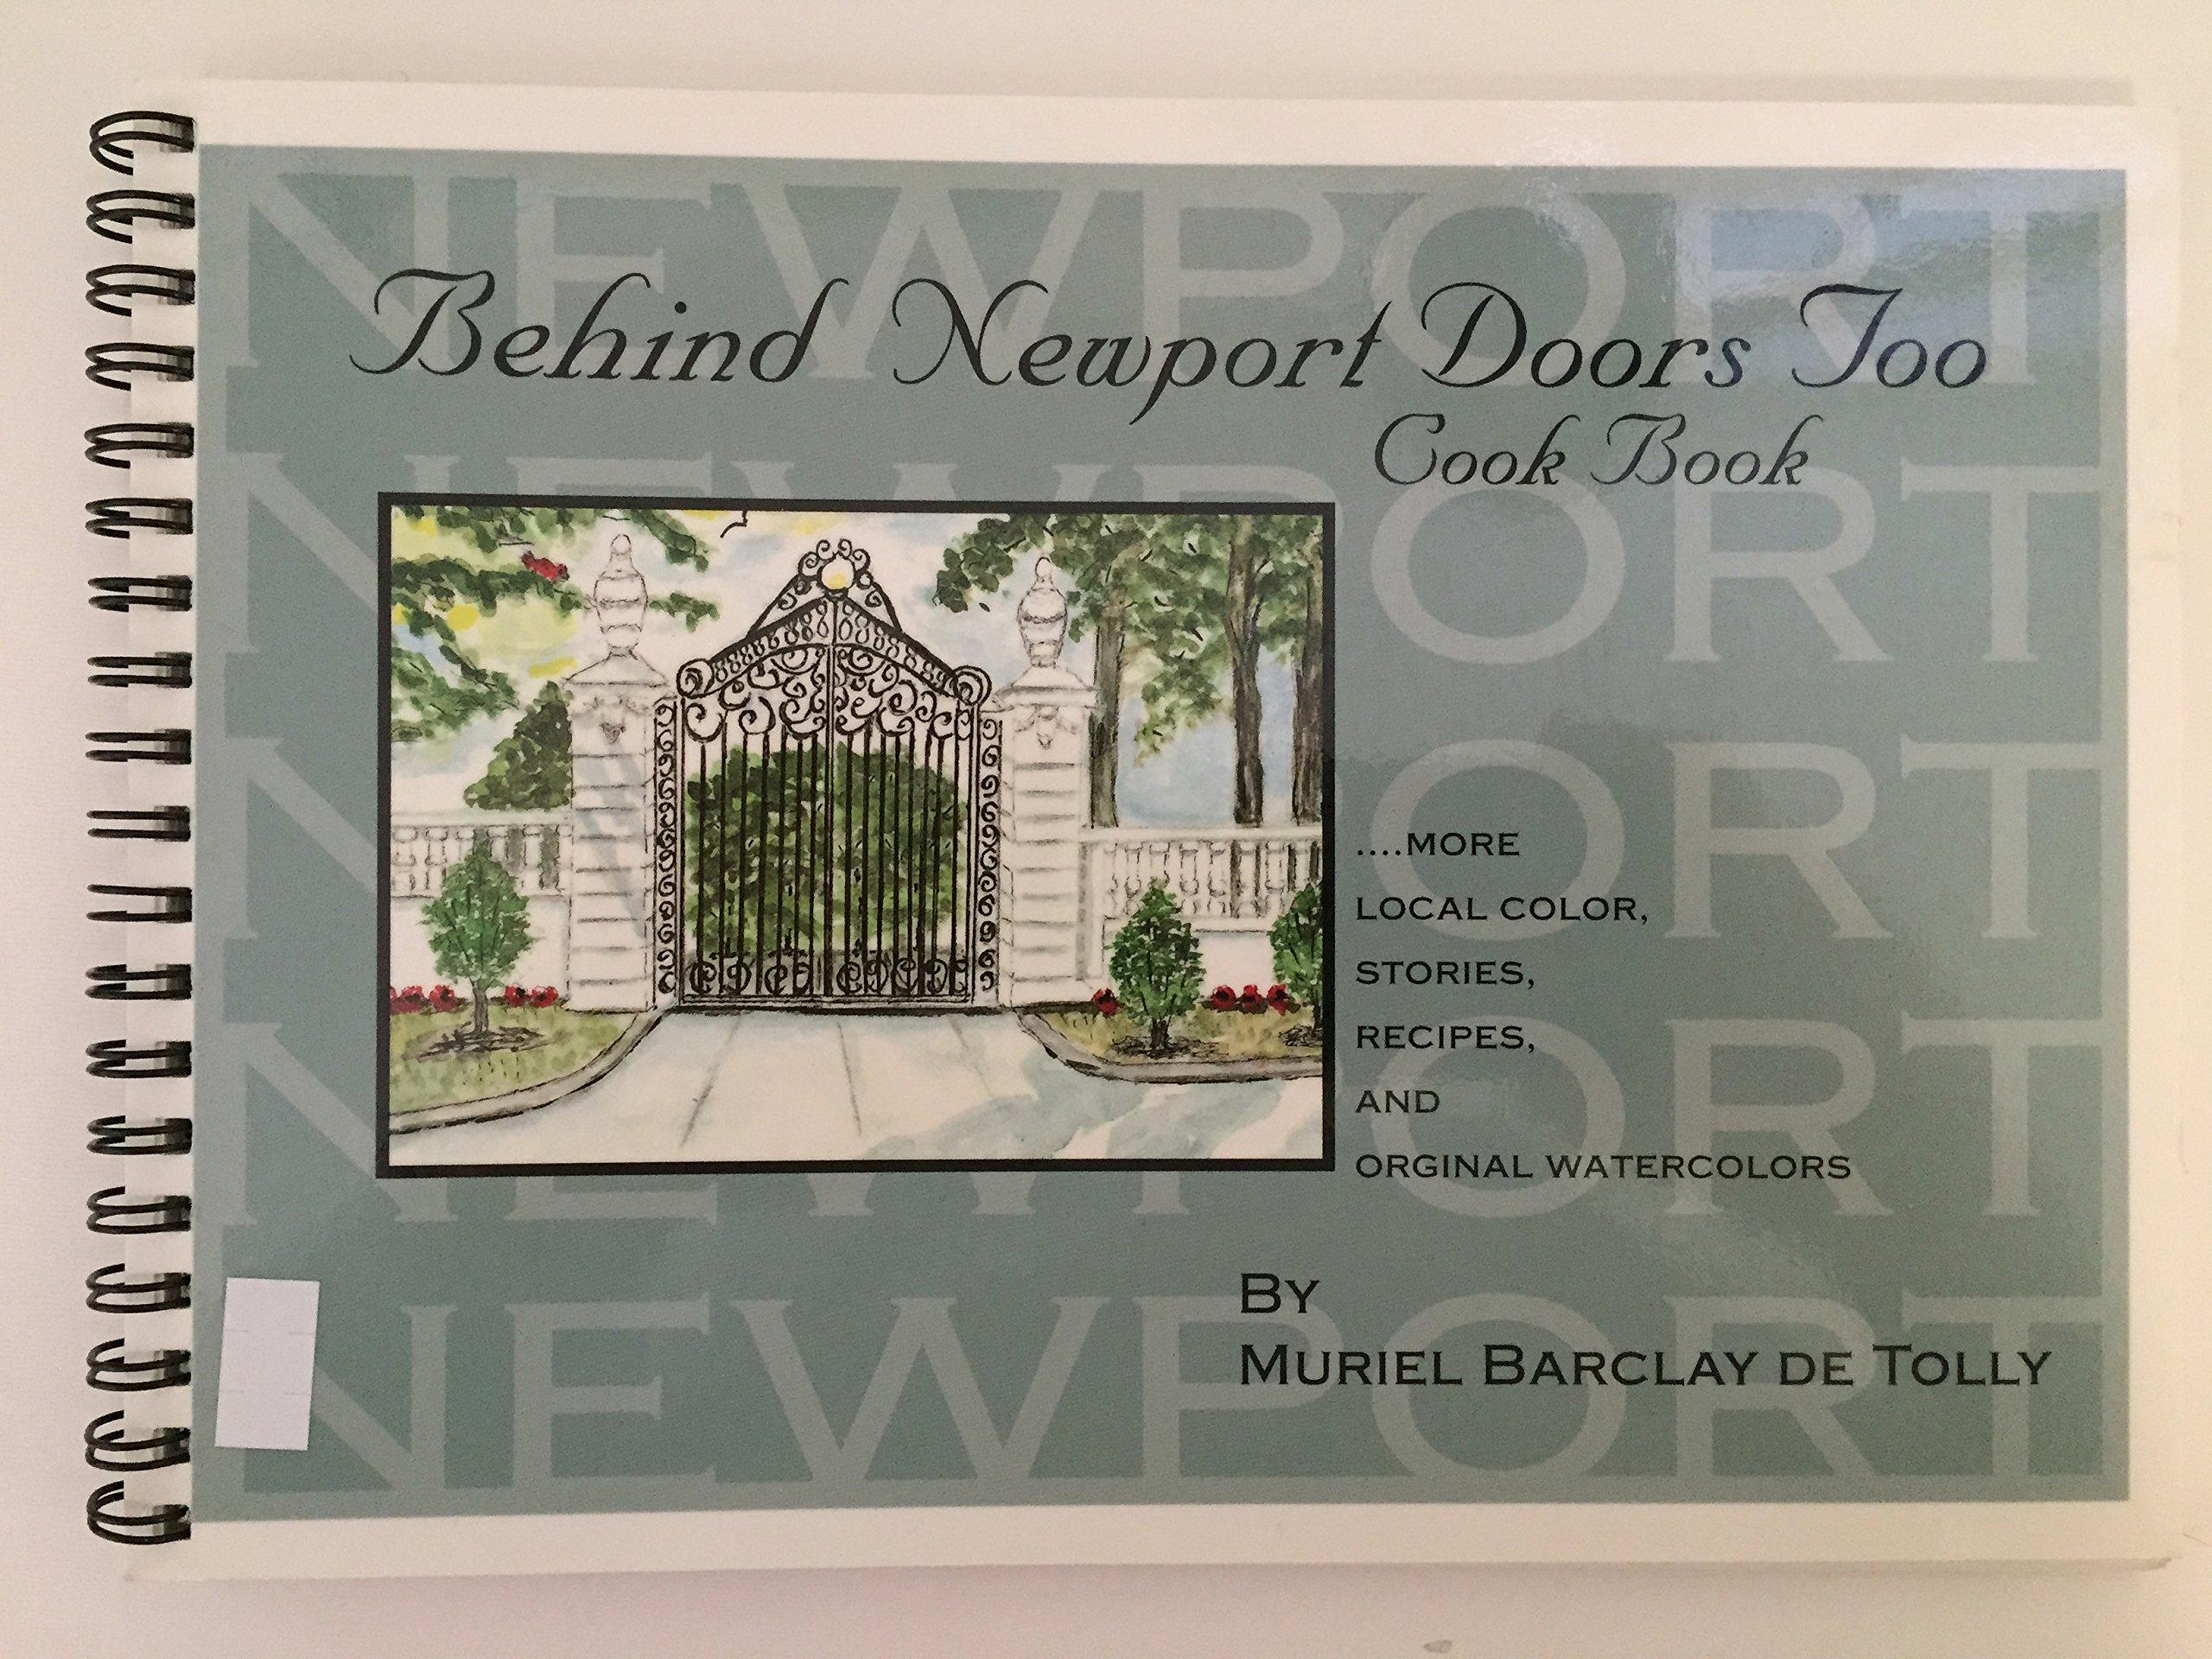 Behind Newport Doors Too: Cook Book...more local color, stories, recipes, and original watercolors pdf epub